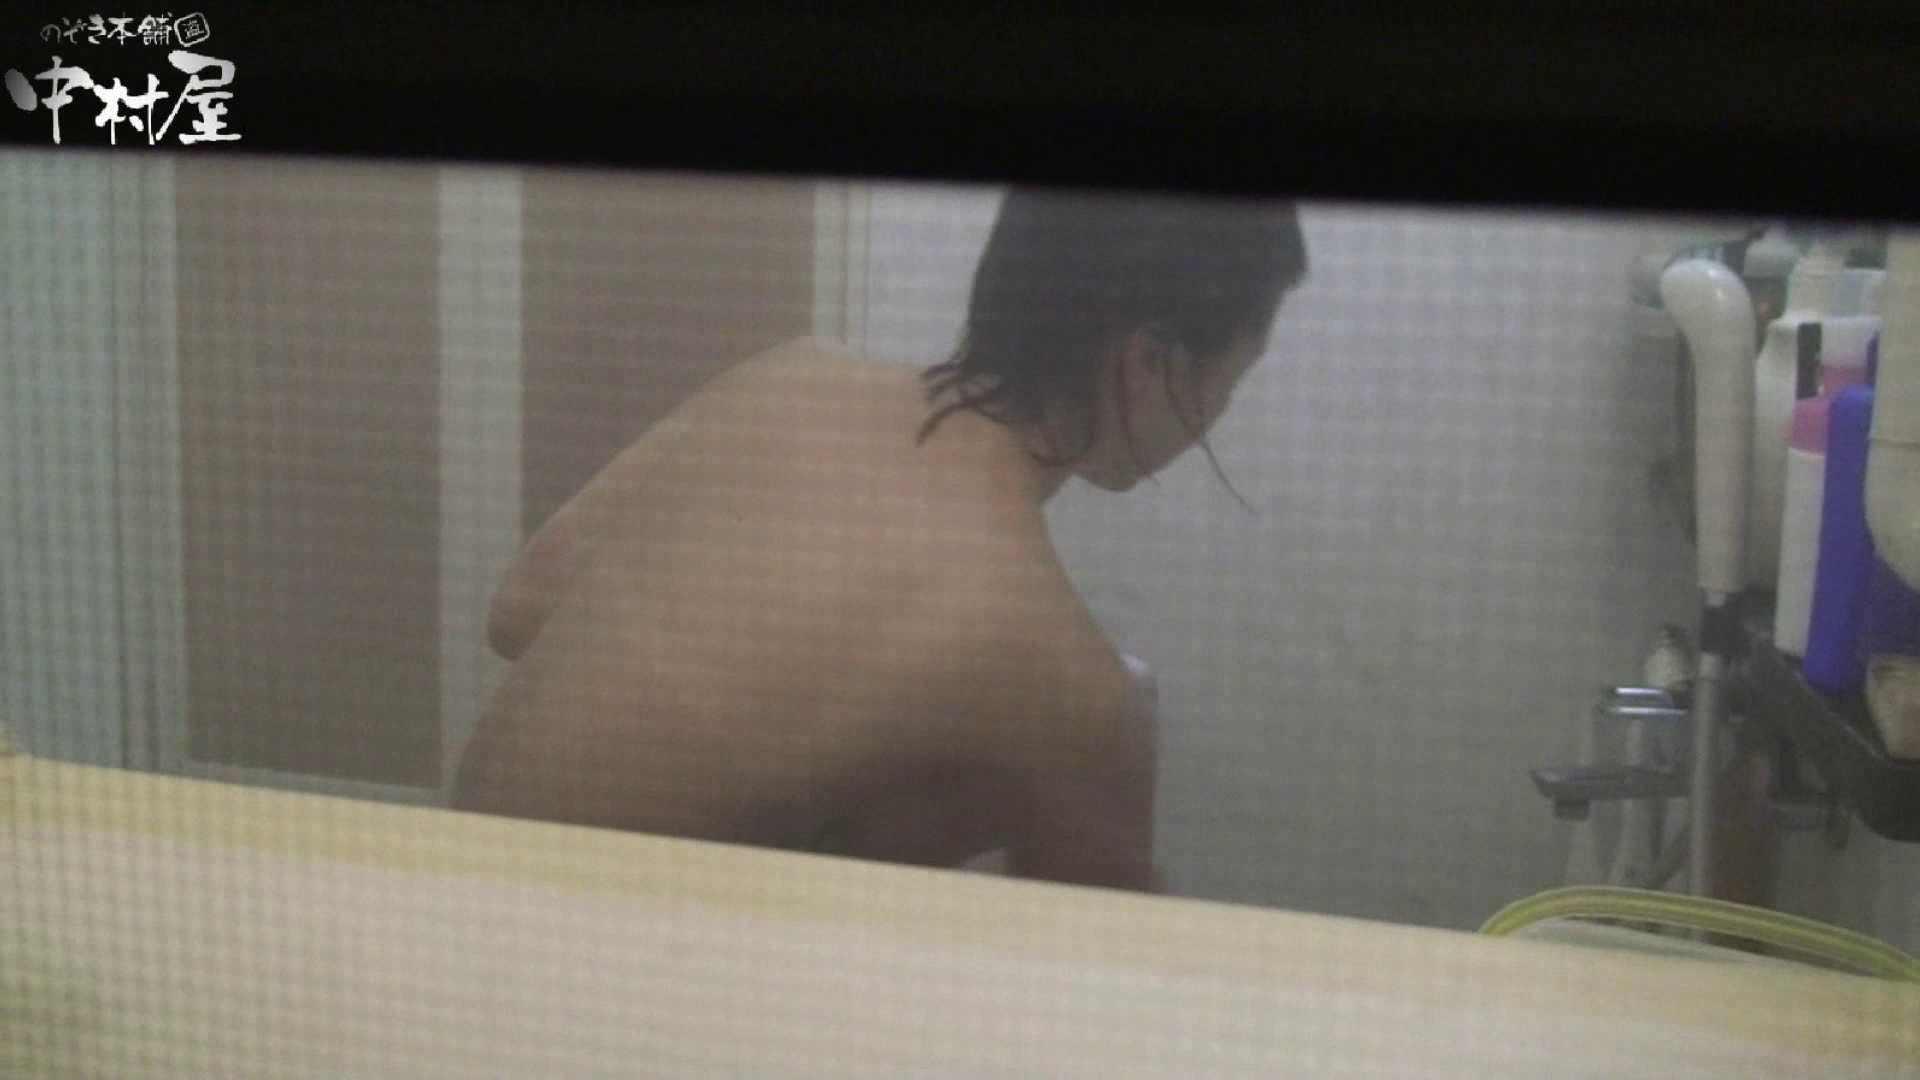 民家風呂専門盗撮師の超危険映像 vol.027 民家 のぞき動画画像 84pic 41